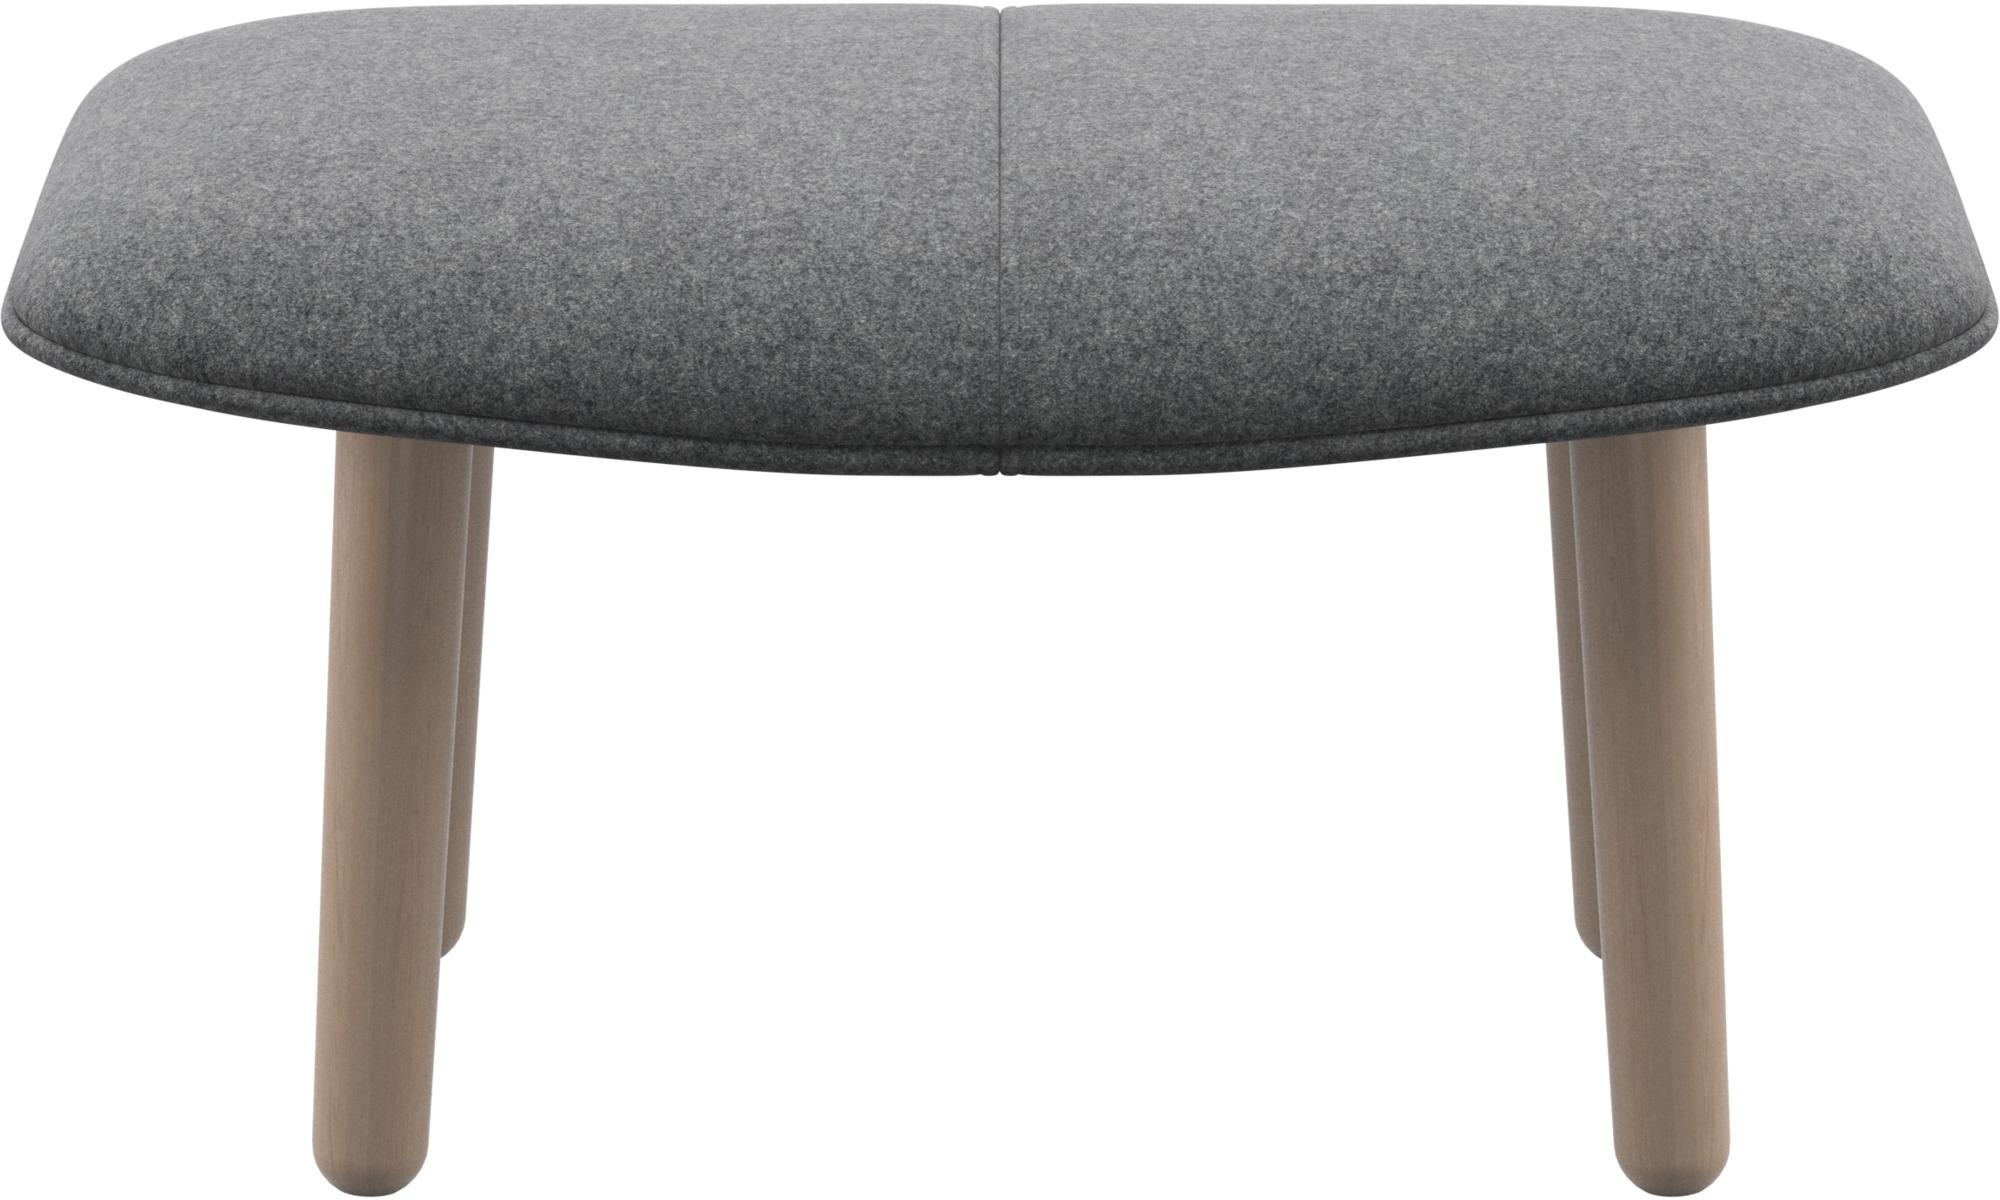 Footstools - fusion footstool - Grey - Fabric